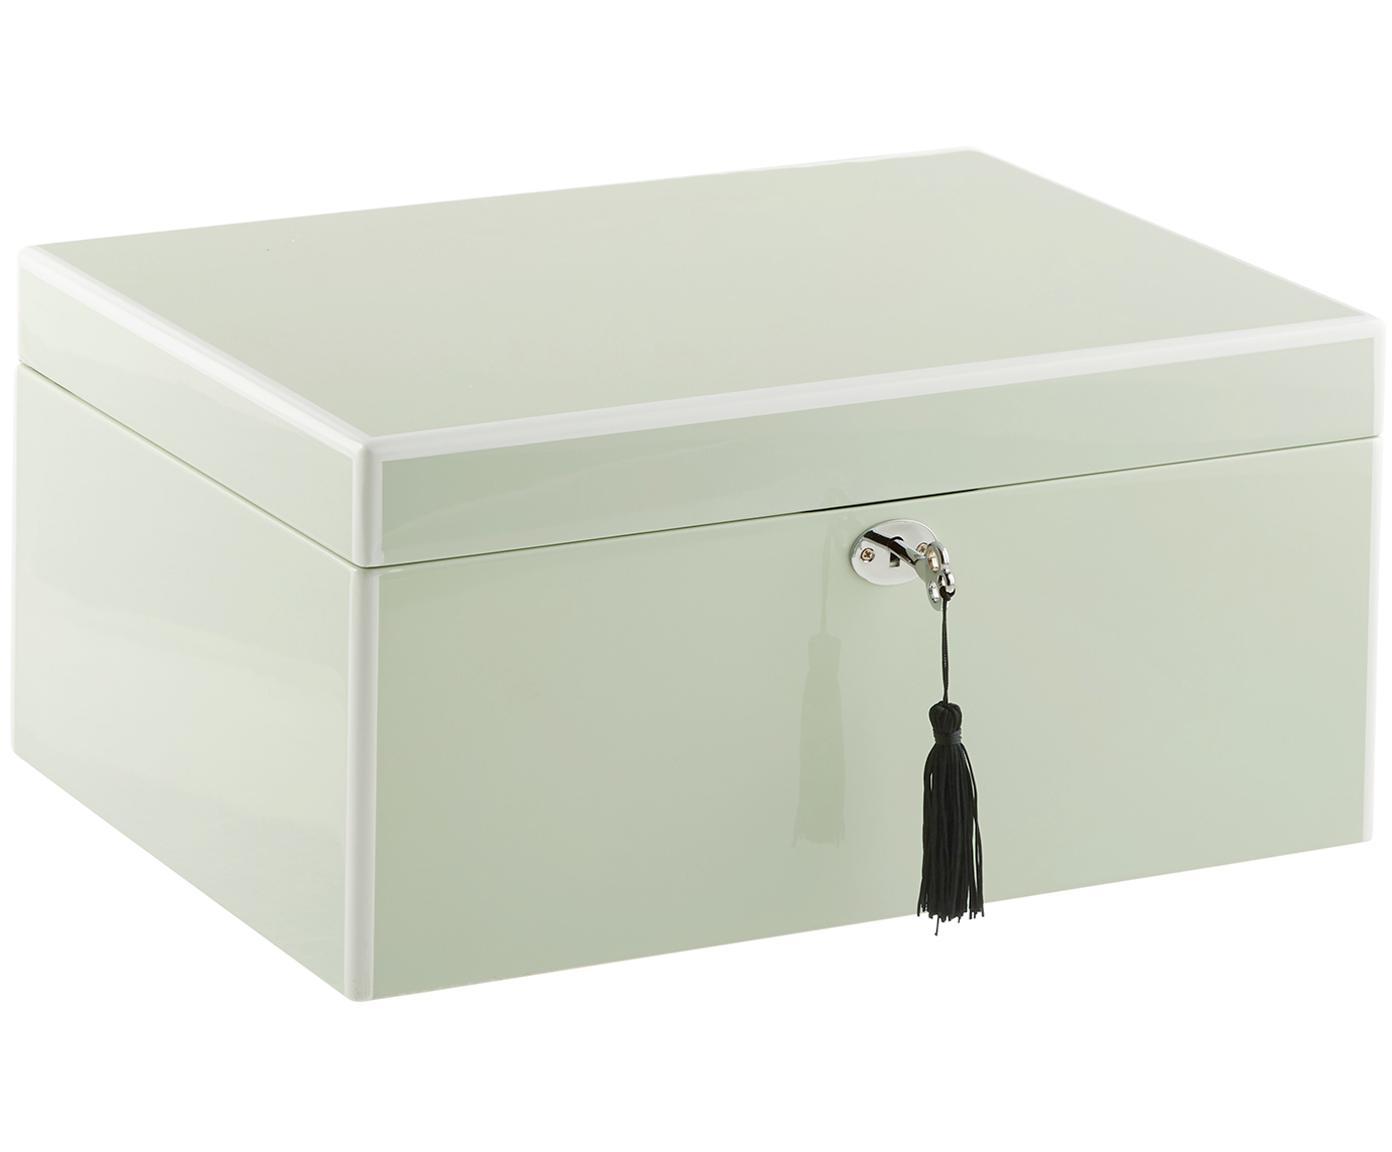 Sieradendoos Juliana met spiegel, Doos: gecoat MDF, Onderzijde: fluweel om het meubilair , Mintgroen met witte rand, 31 x 23 cm